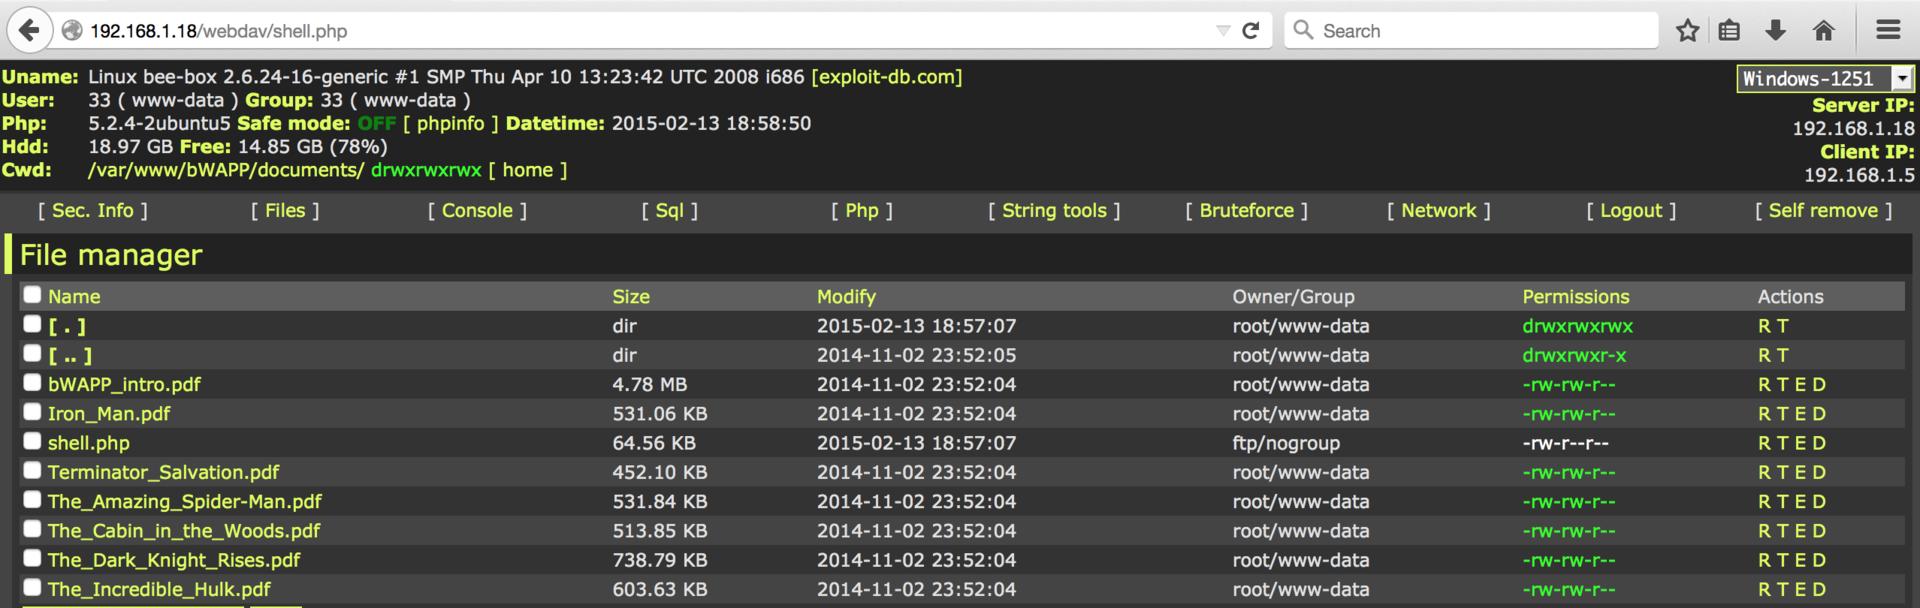 Обзор площадки для тестирования веб-уязвимостей OWASP Top-10 на примере bWAPP - 16